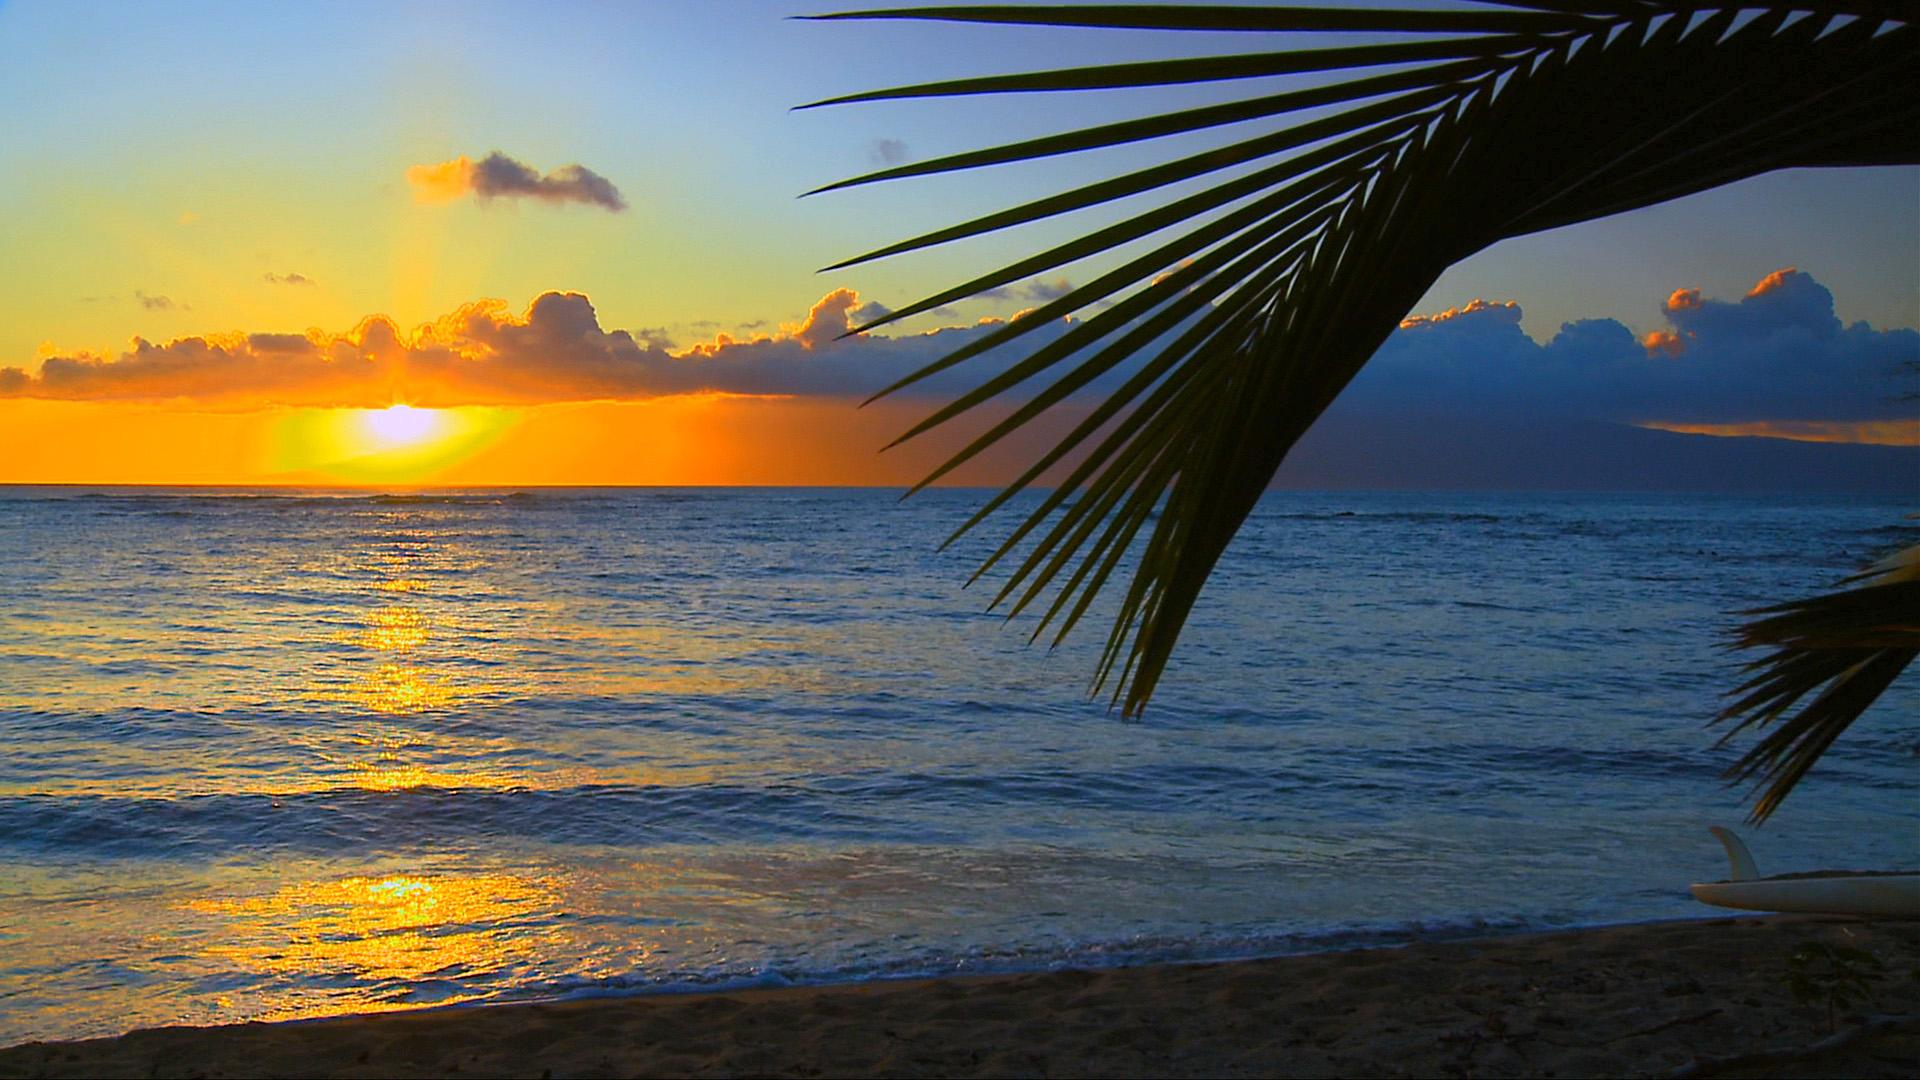 здрасте фотообои для рабочего стола море солнце закат ломает кресты